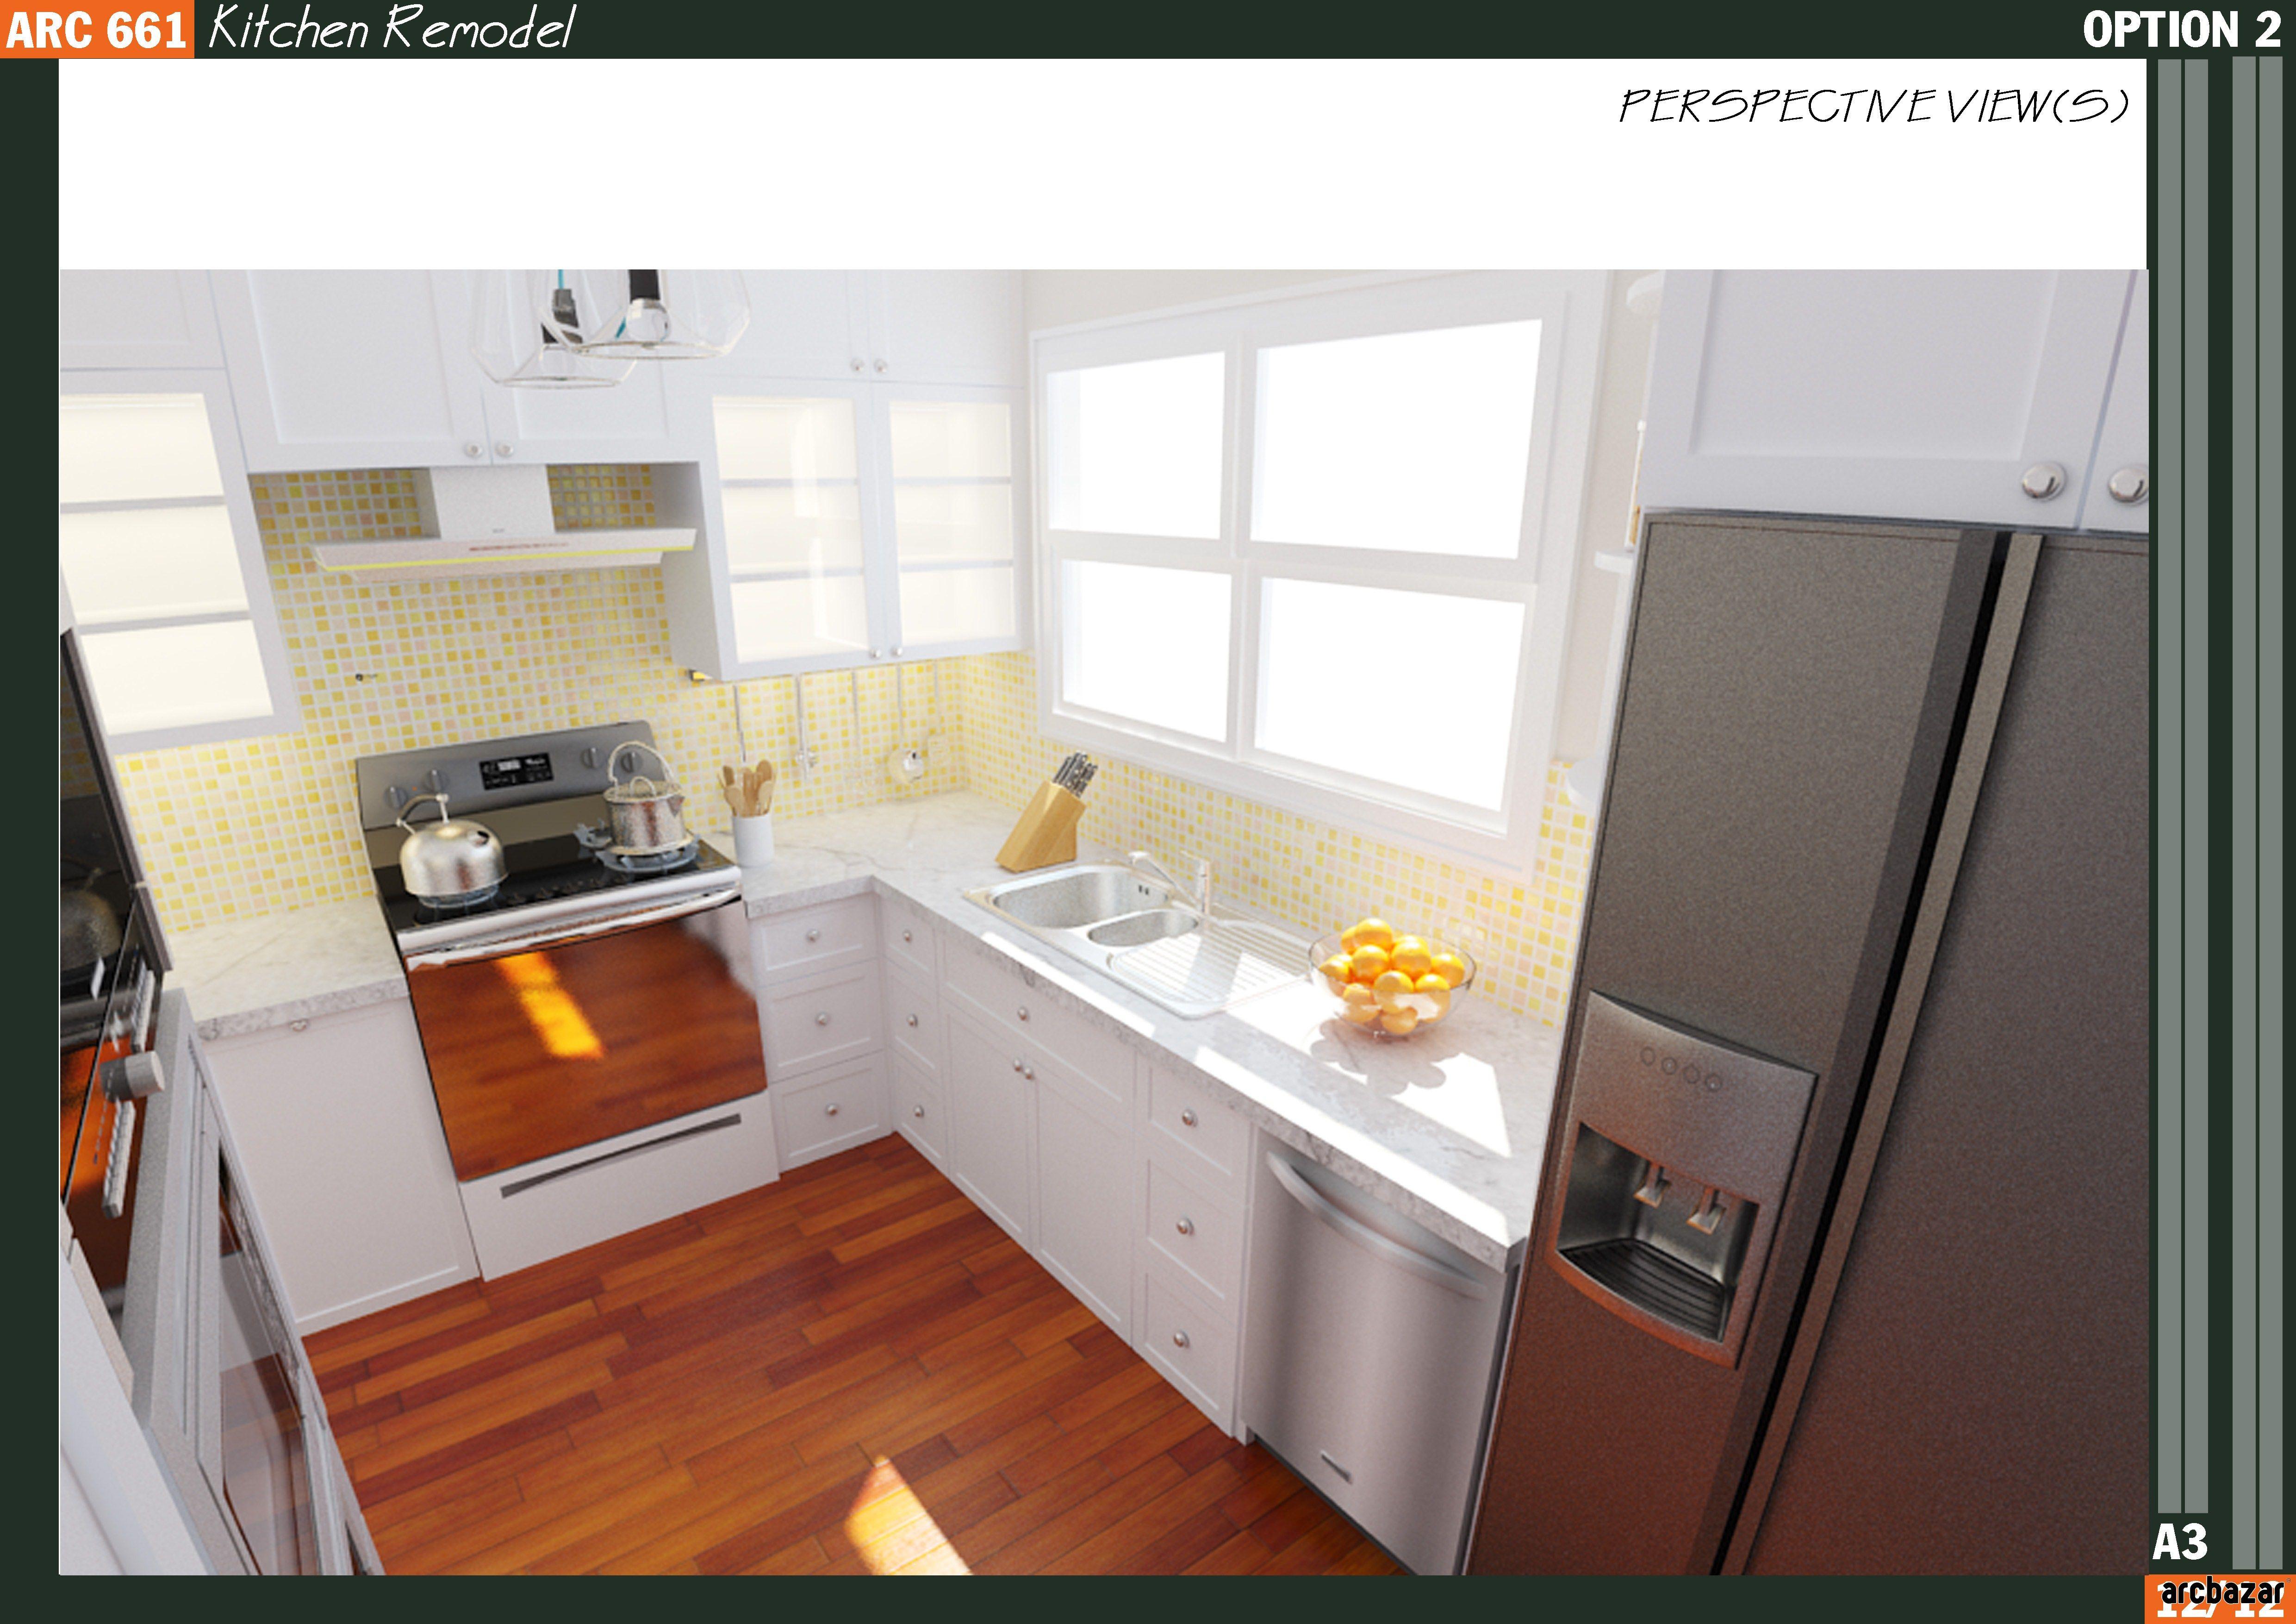 Kitchen Remodel Design By Qarch Team Via Arcbazar.com. Kansas CityKitchen  ...